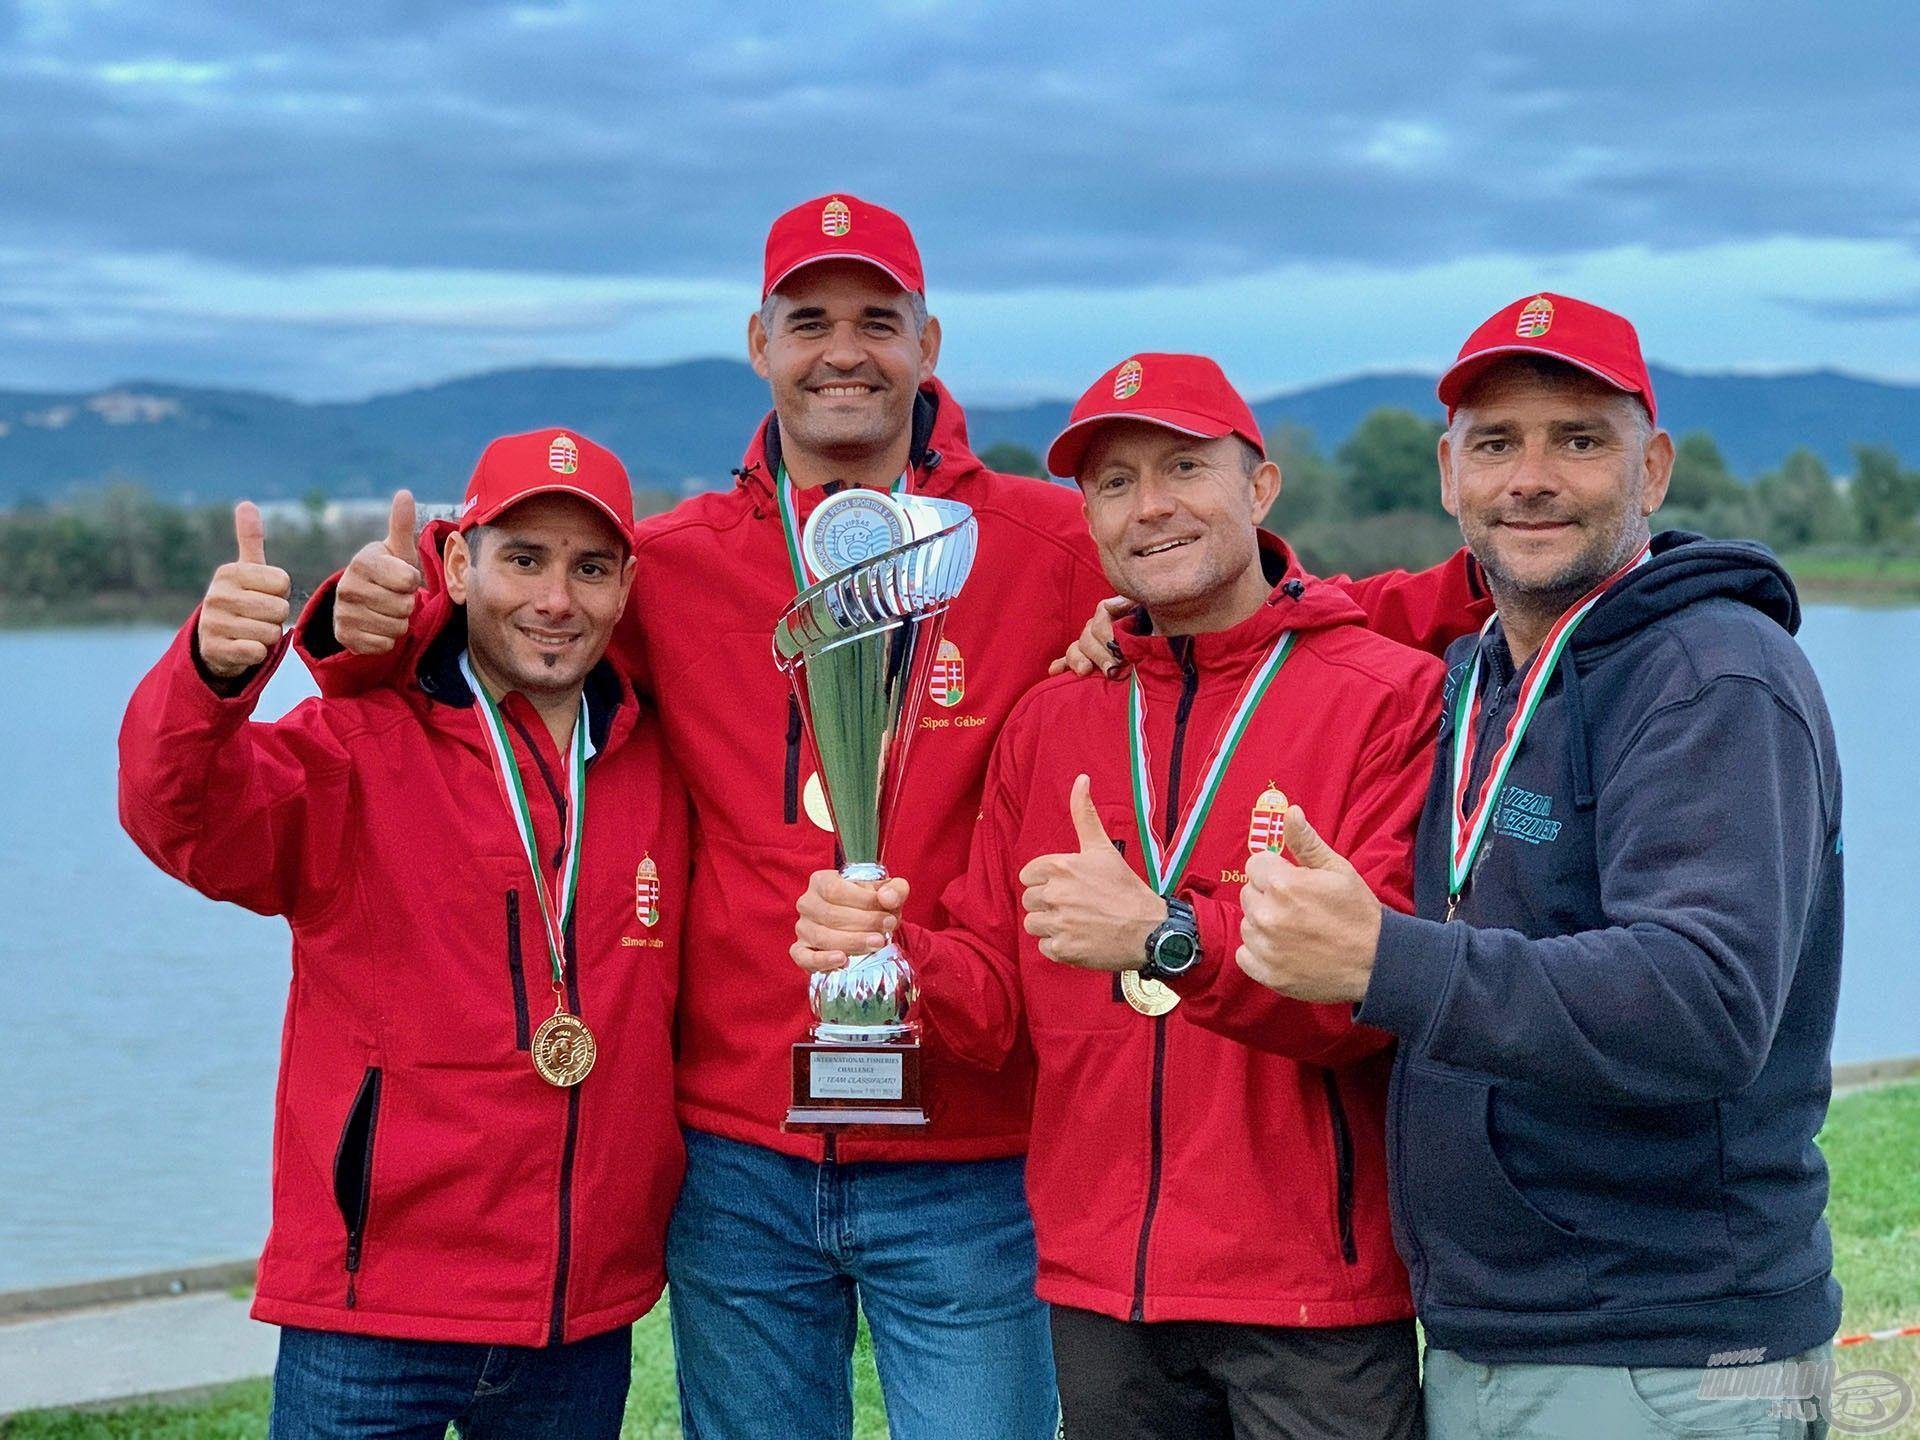 Ősszel ismét aranyérem csilloghatott a nyakukban, mivel az olaszországi I. International Feeder Challenge-en is bajnokok lettek a magyar válogatott színeiben